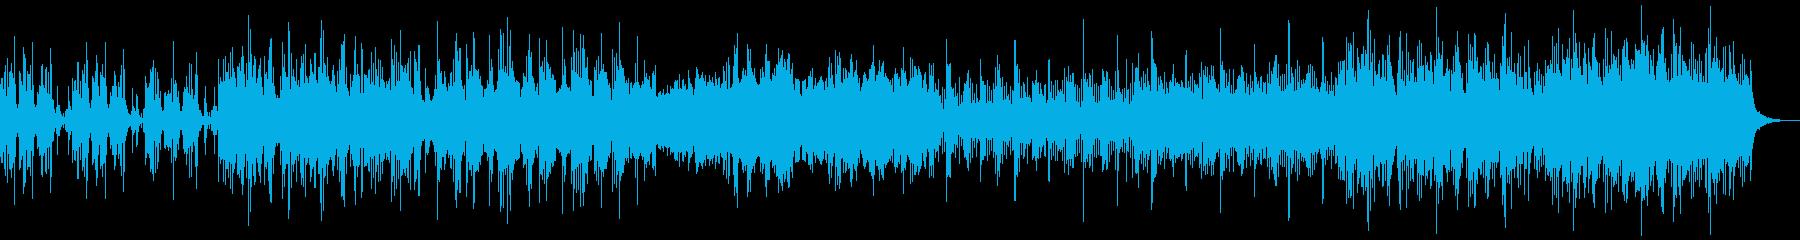 弾力のあるオーケストラ作品は、大き...の再生済みの波形